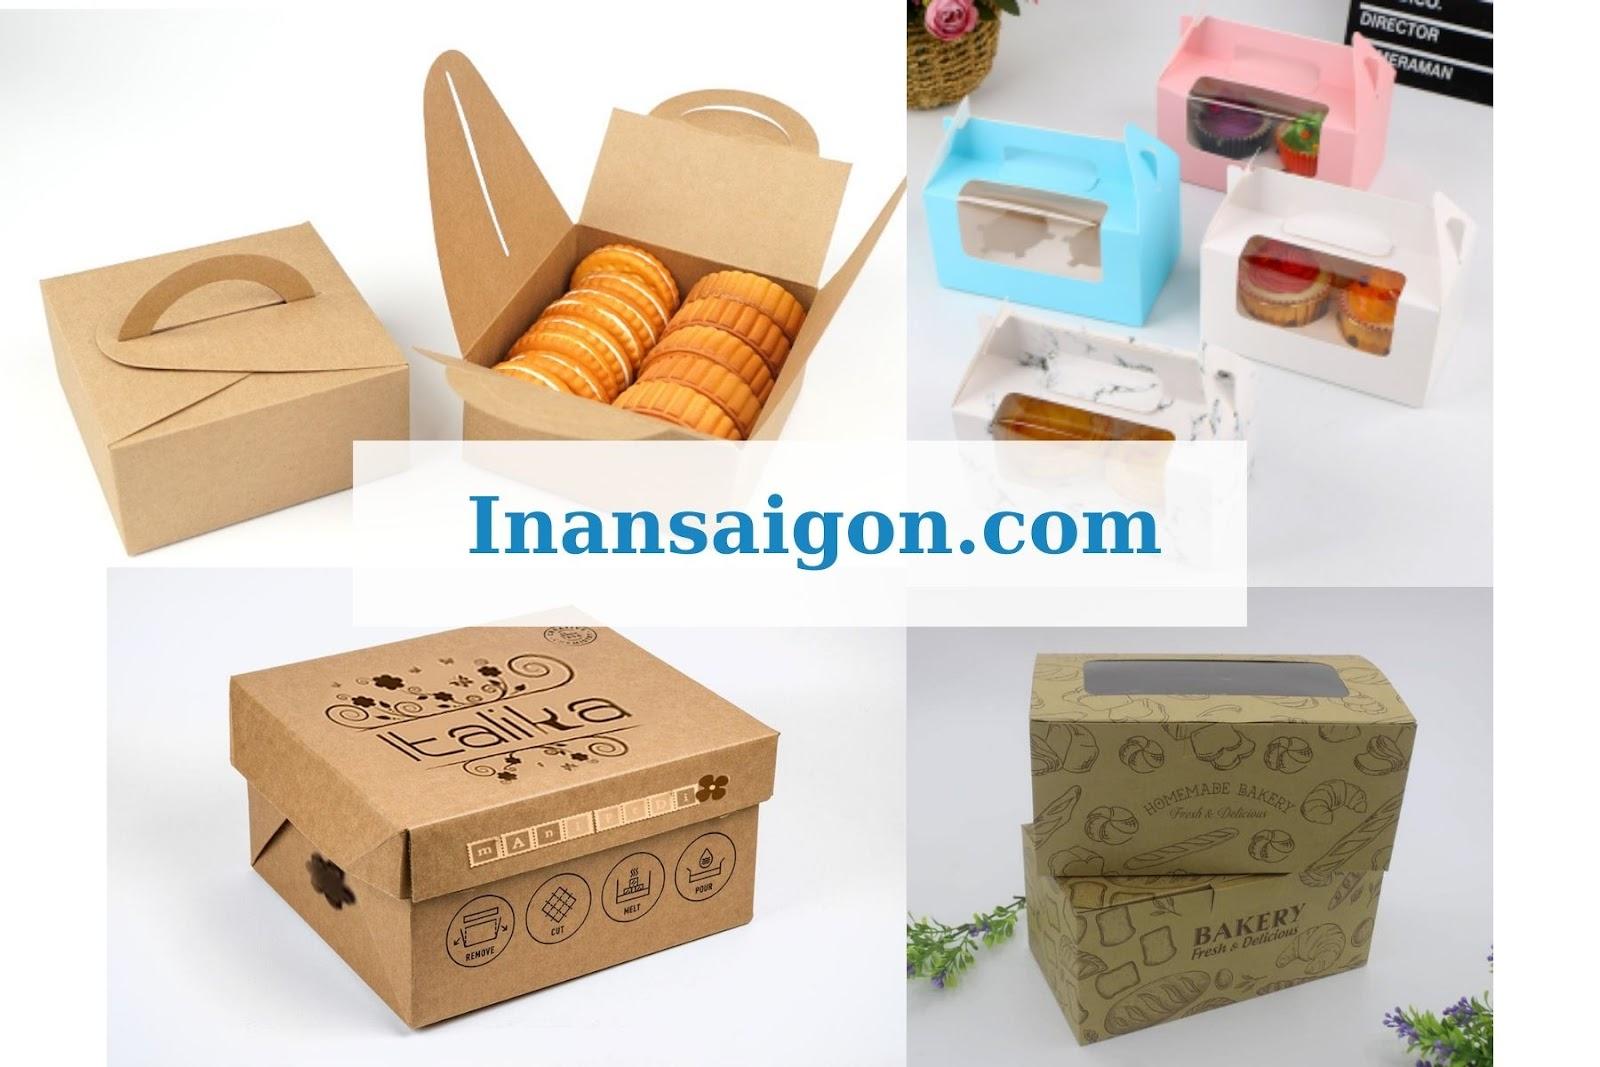 tổng hợp các mẫu hộp đựng bánh ngọt